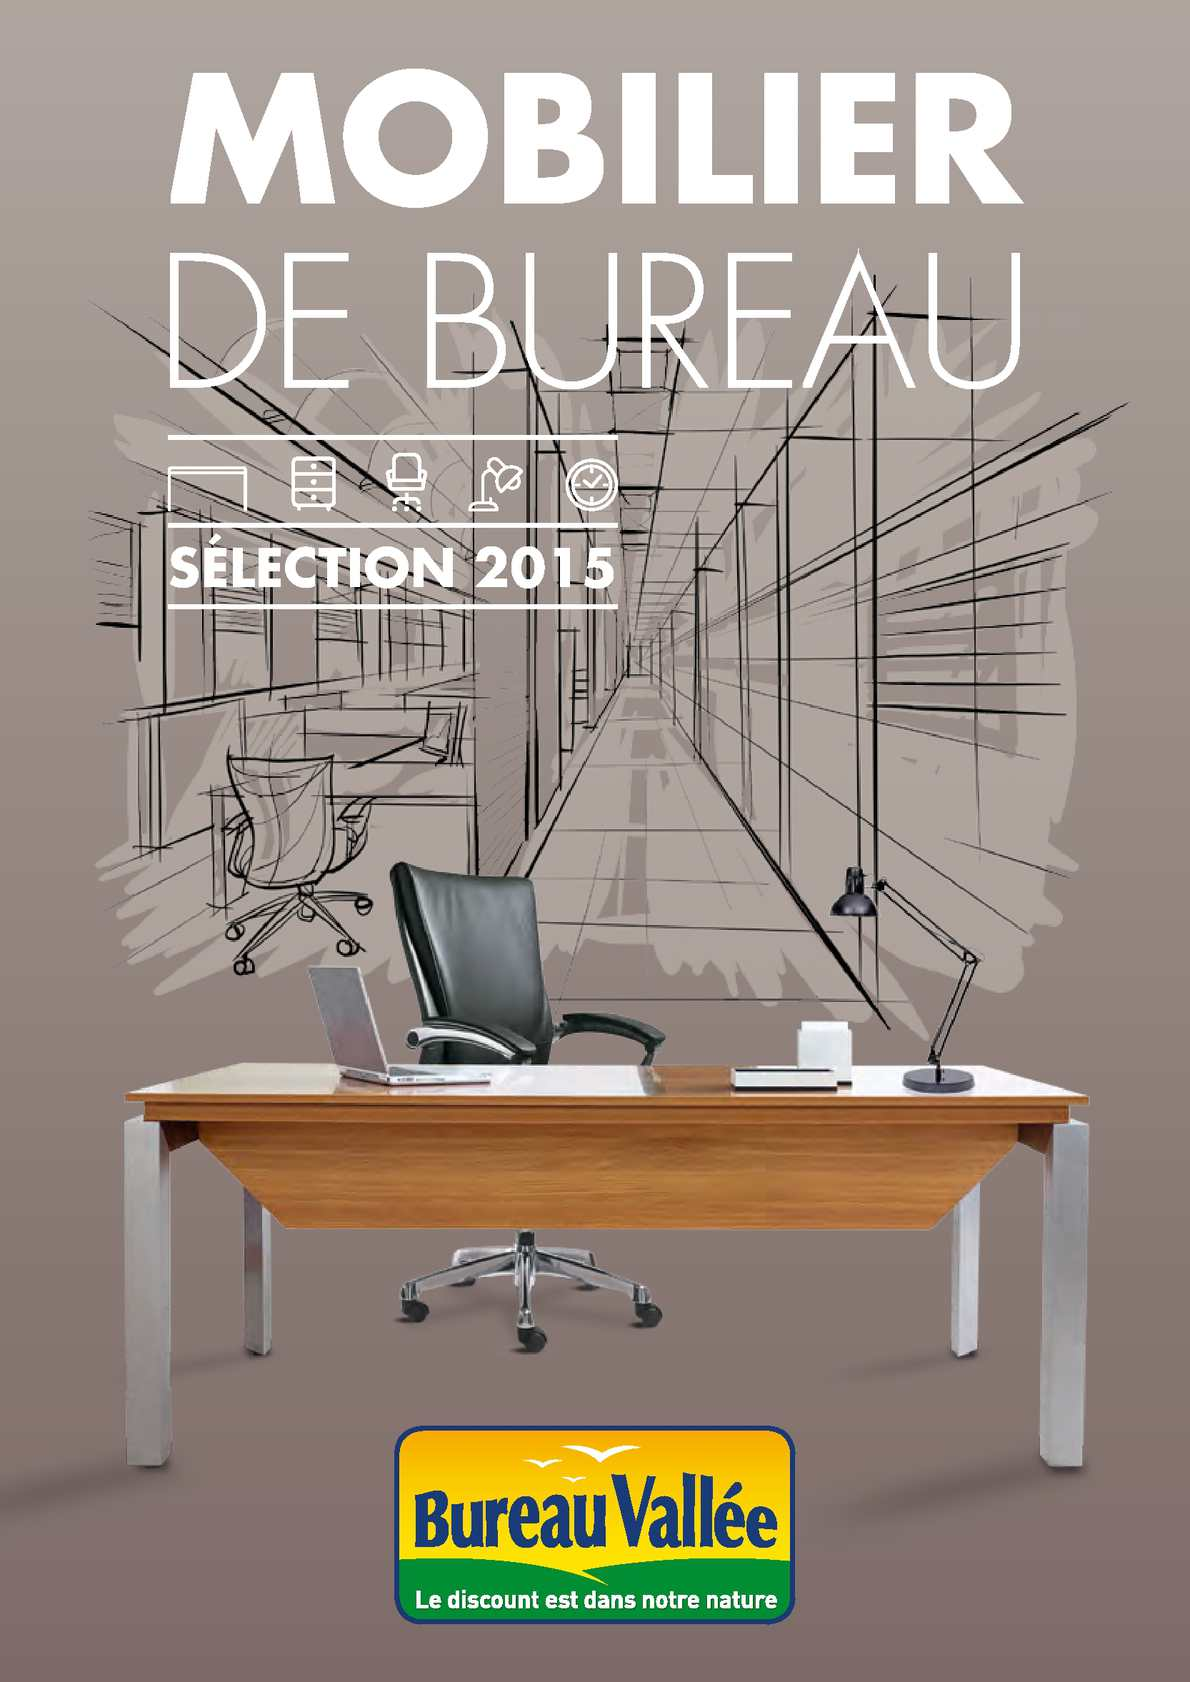 Calam o catalogue mobilier bureau vall e 2015 - Mobilier de bureau montpellier ...